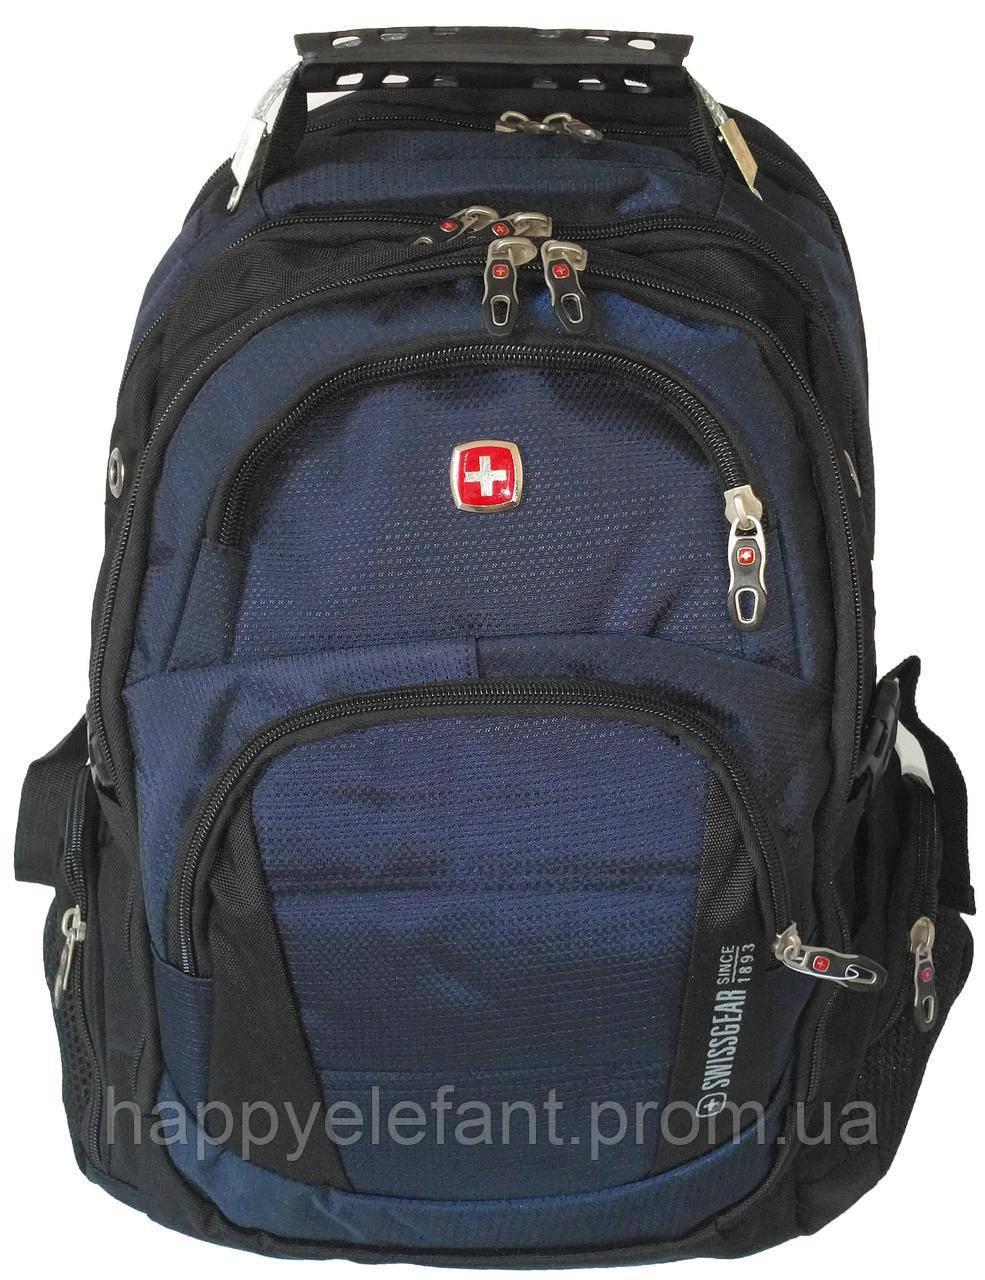 683fe07d5af0 Рюкзак Wenger SwissGear 9372 ортопедический с накидкой от дождя ...